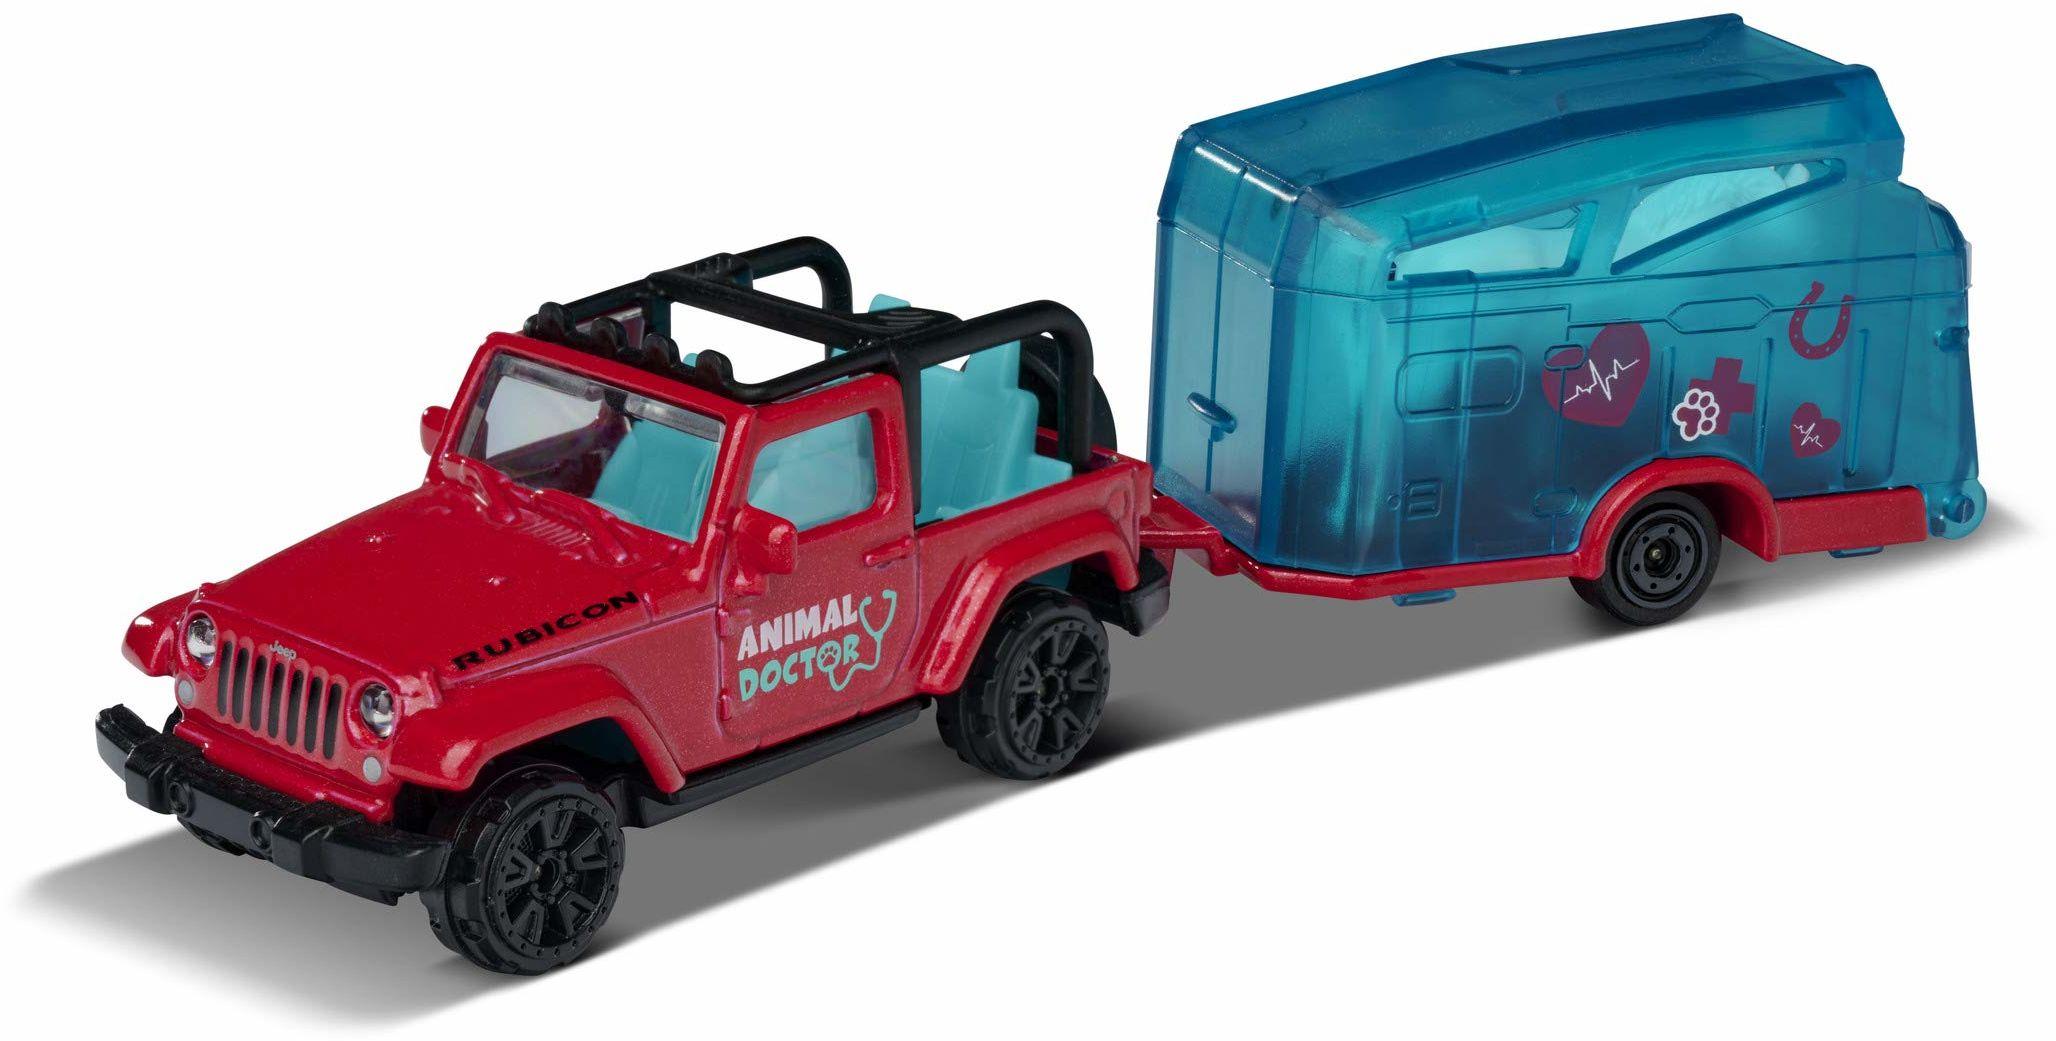 Majorette Pink Drivez Jeep Wrangler z przyczepą dla koni, samochód zabawkowy, wolny bieg, części do otwierania i/lub ruchome, 13 cm, różowy, dla chłopców i dziewczynek od 3 lat